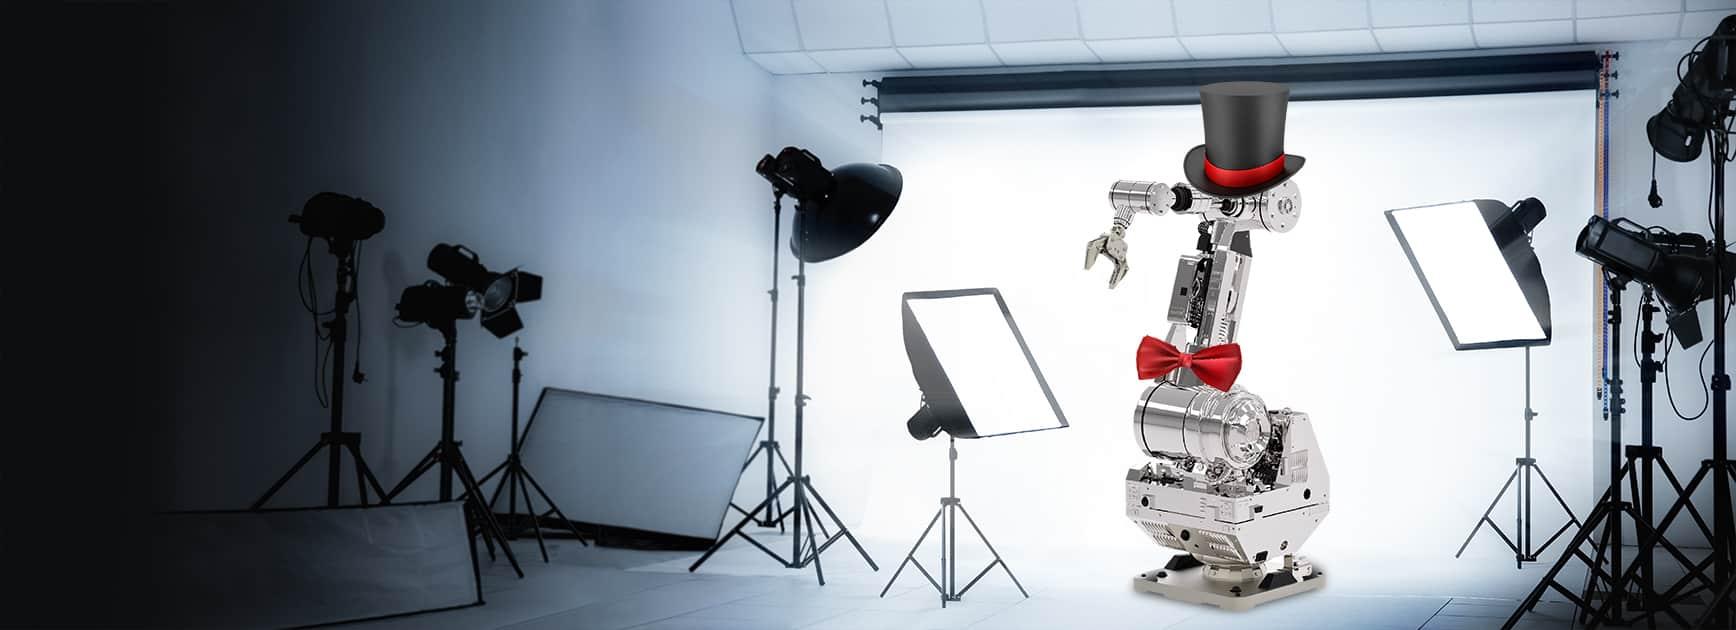 Fotografia industriale servizi fotografici foto tecniche teatro di posa